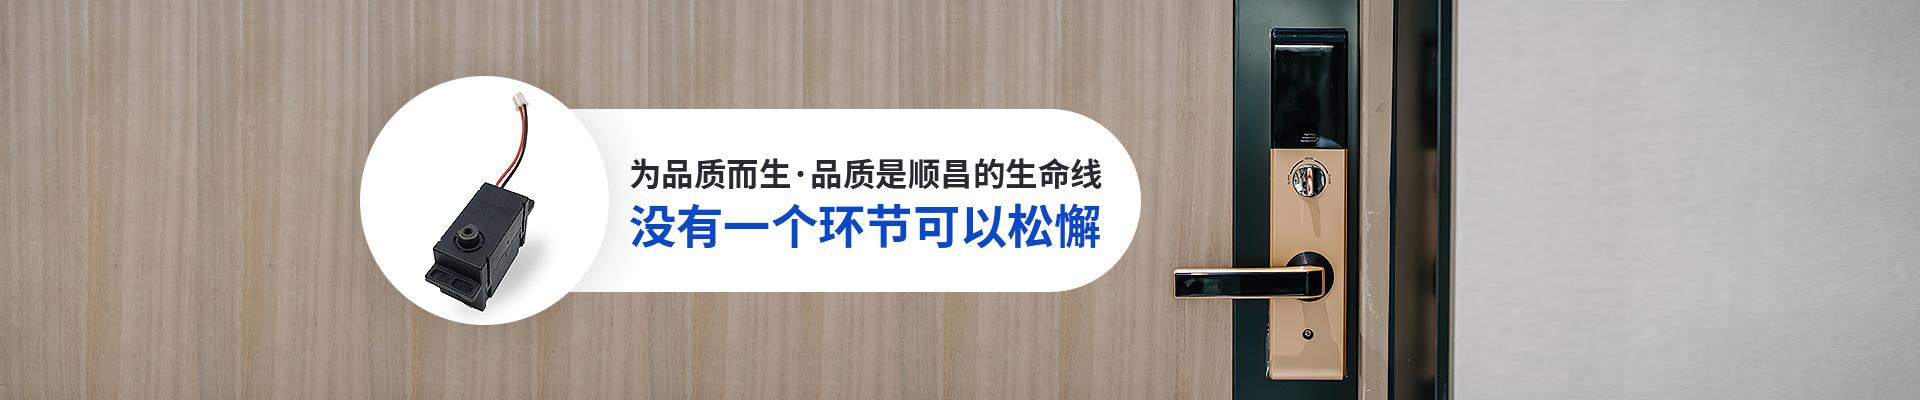 深圳顺昌电机-为品质而生·品质是顺昌的生命线